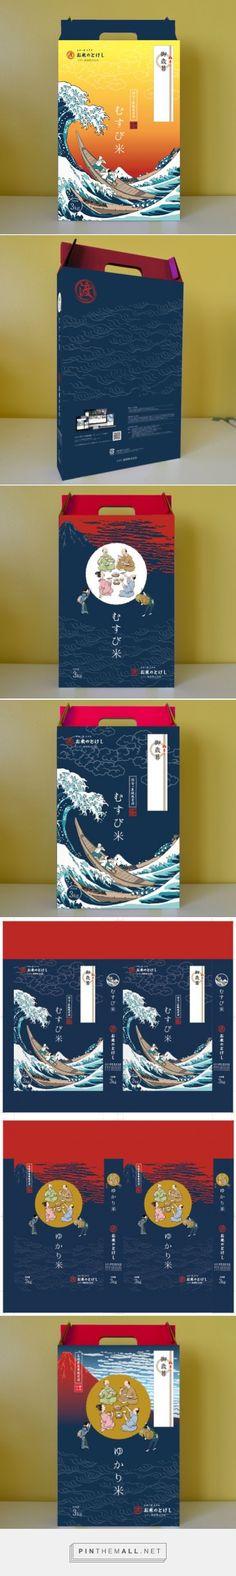 斬新なお米ギフト箱がお中元からデビューしますcurated by Packaging Diva PD. Assorted gift packaging (I think).